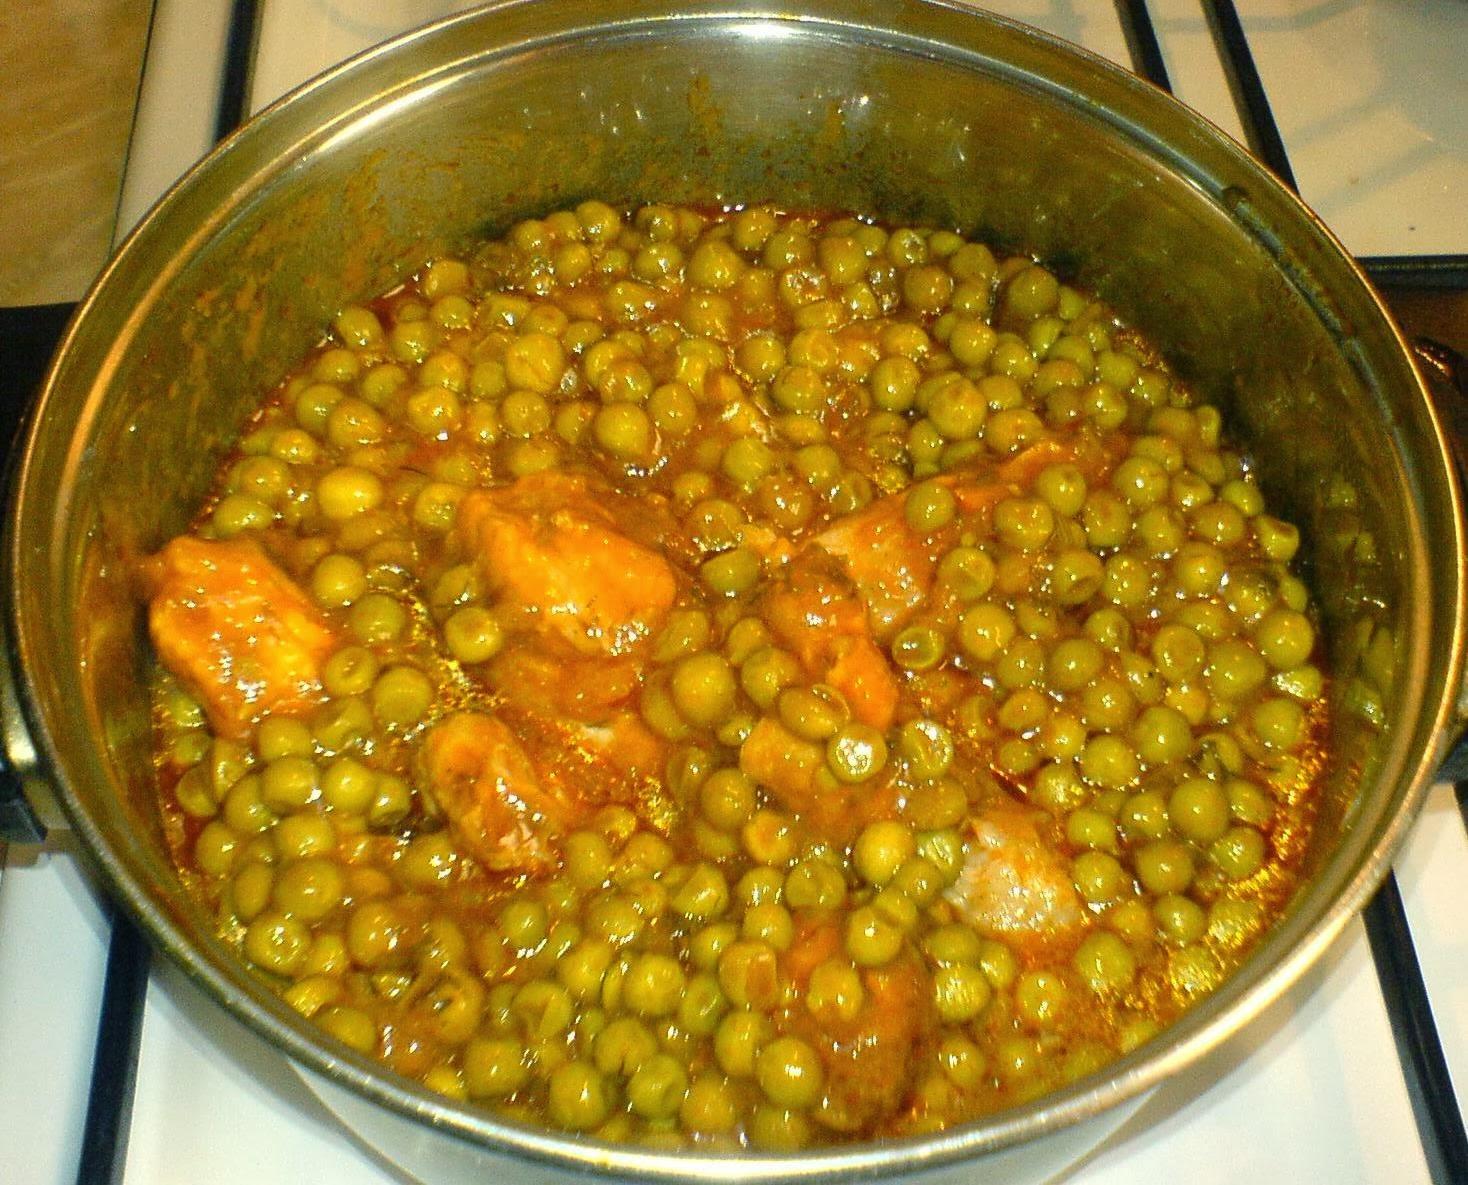 retete de mancare, retete cu pui, mazare cu sos, preparate culinare, retete culinare